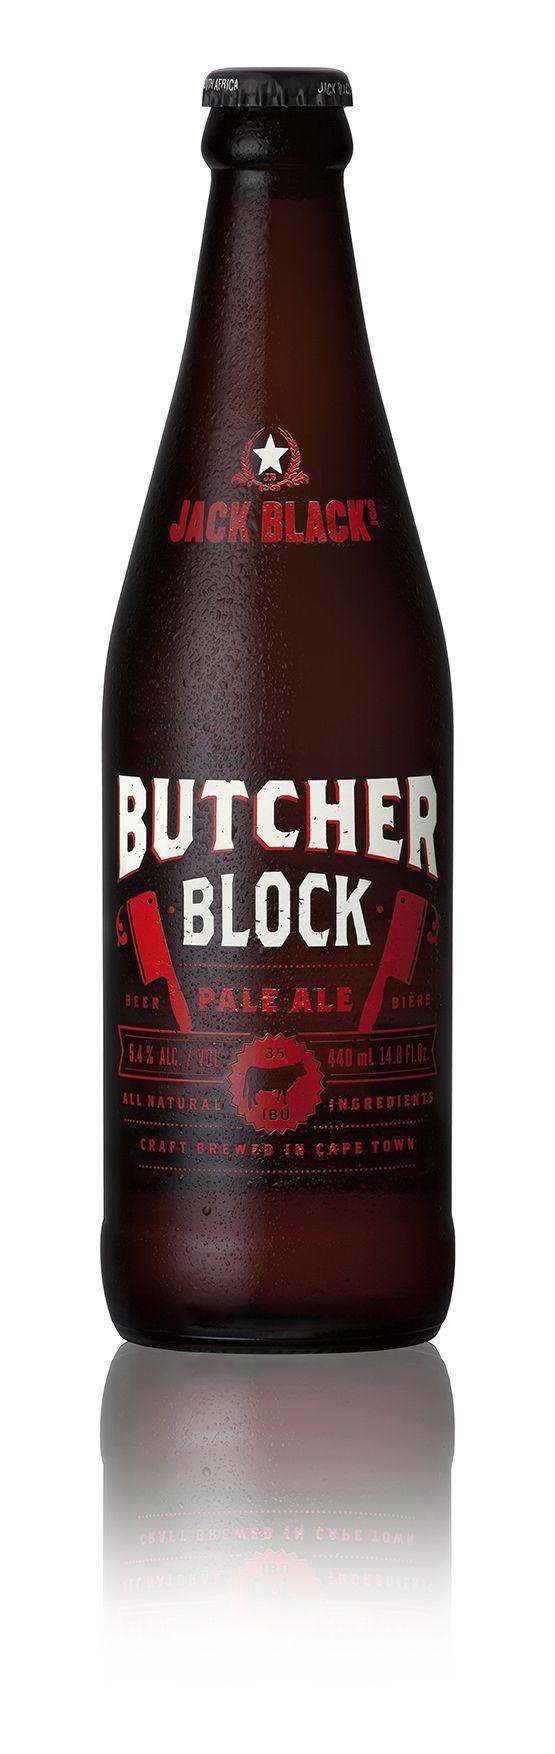 Craft Beer Pack Shots: Jack Black Butchers Block. www.bakkesimages.co.za